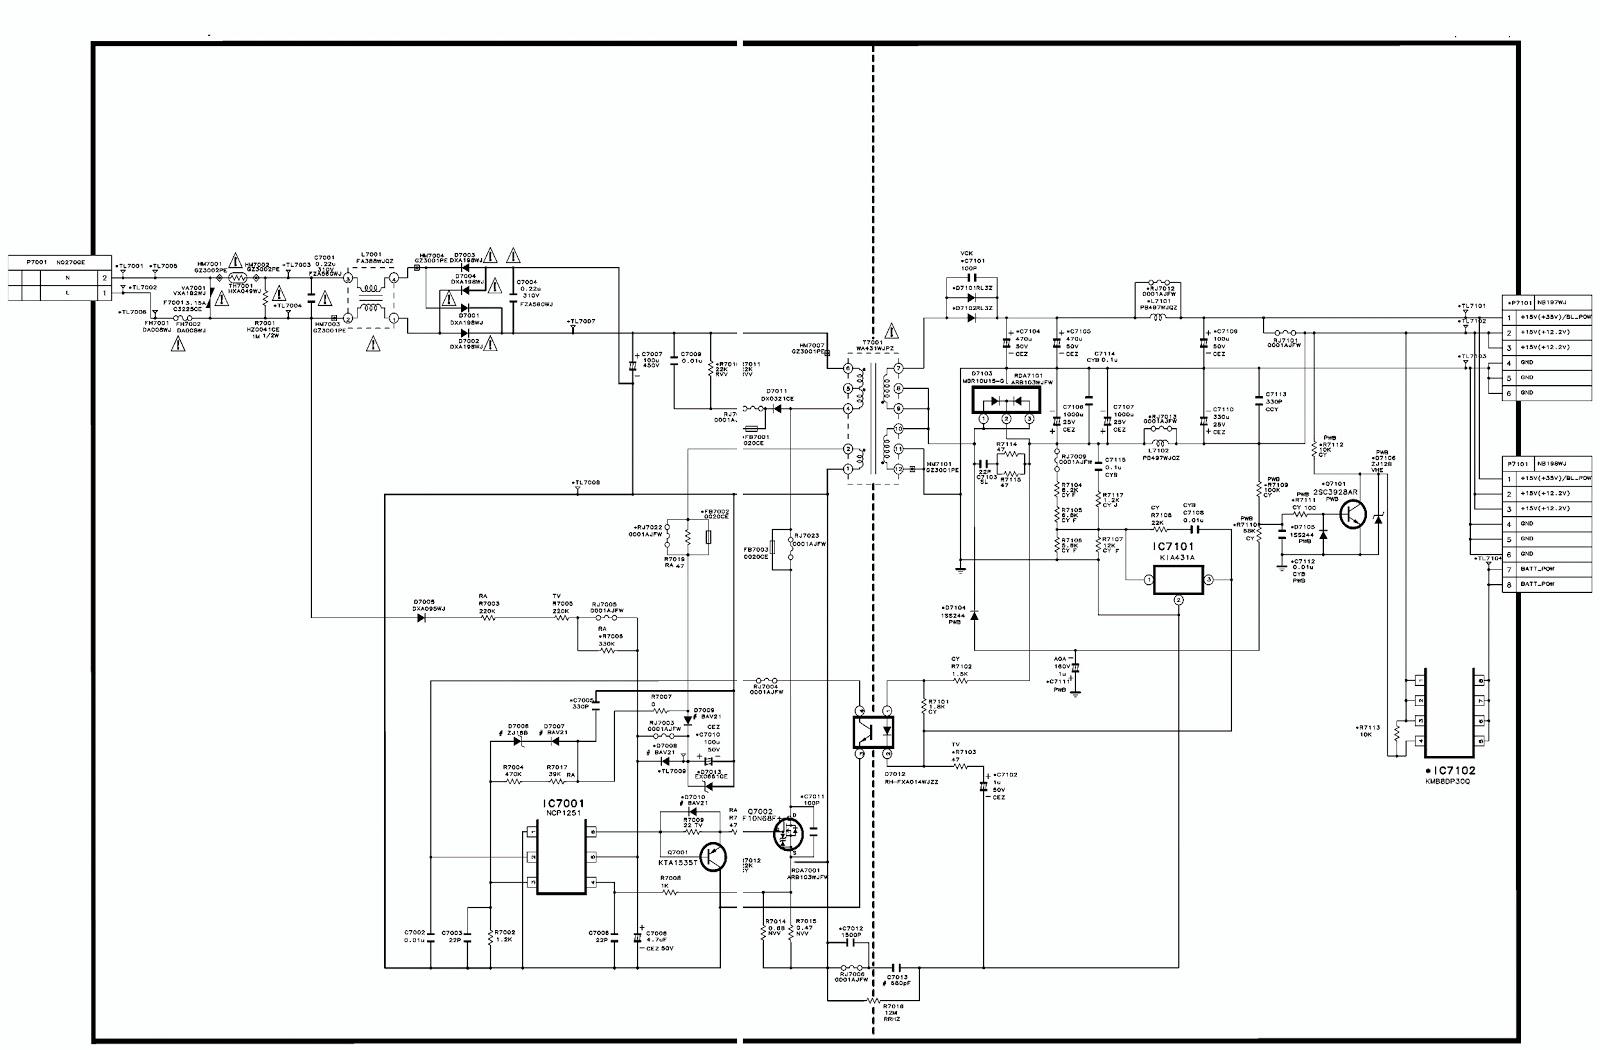 sharp lc24le150m led backlight tv smps schematic. Black Bedroom Furniture Sets. Home Design Ideas